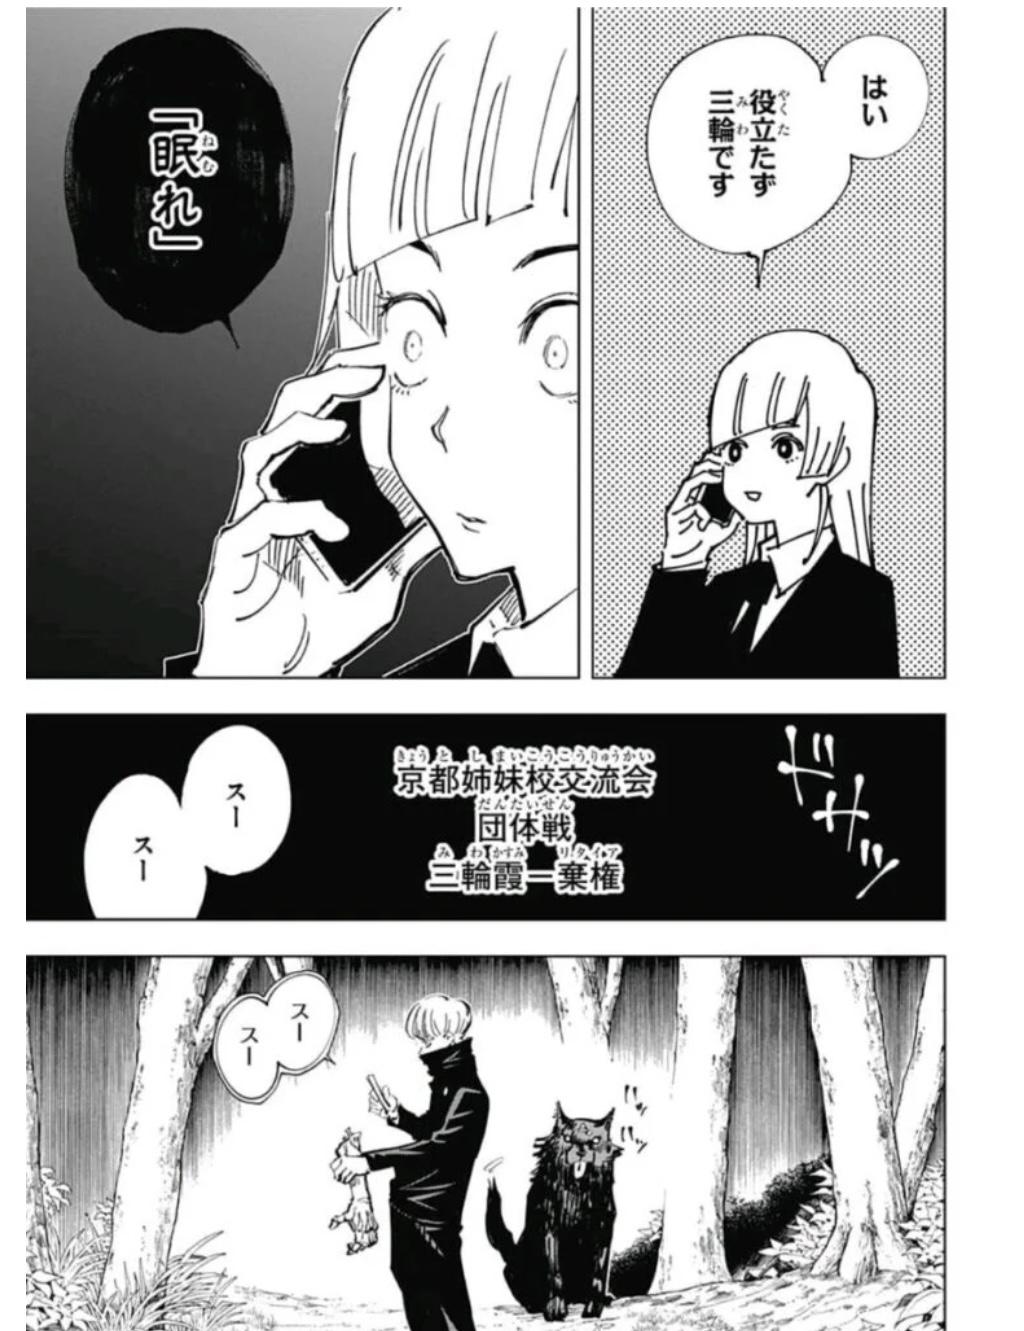 【呪術廻戦】狗巻棘(いぬまき とげ)がかっこいい!声優や能力も紹介!